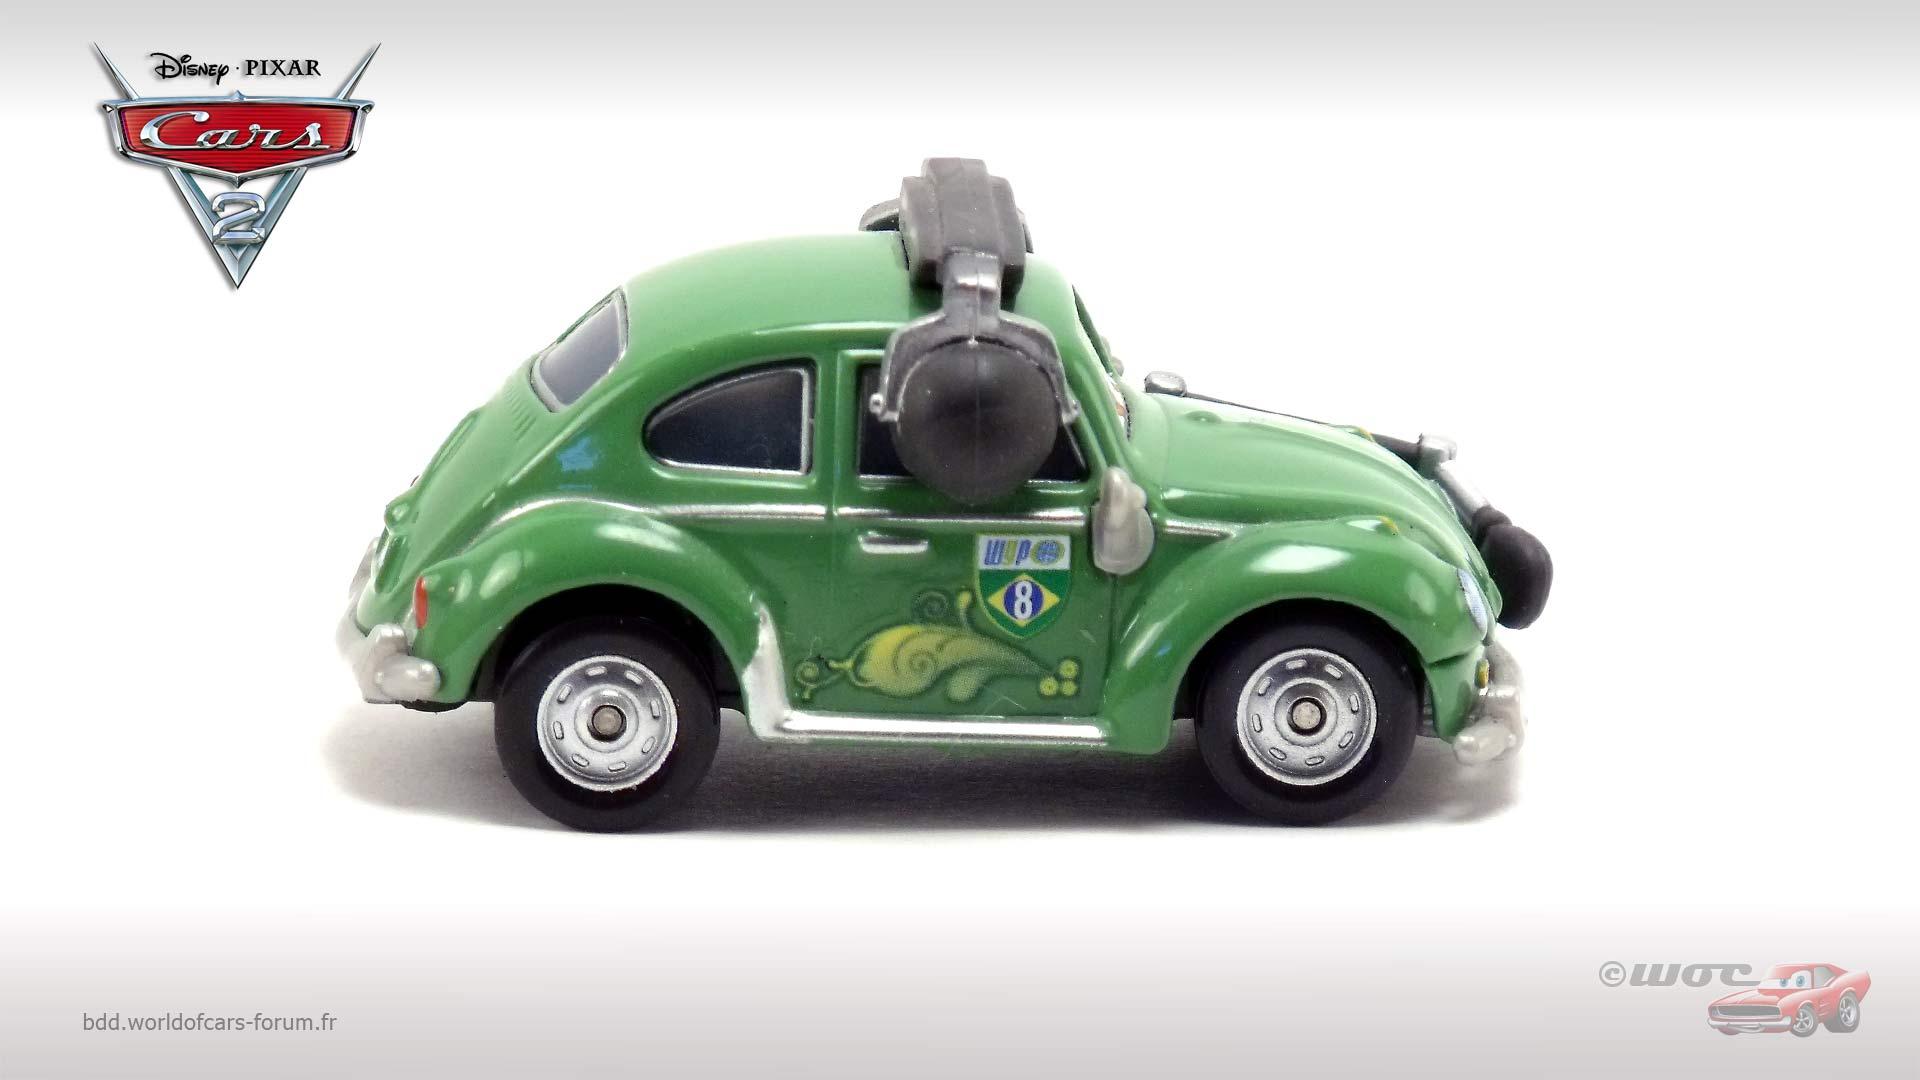 World Of Cars : Présentation Du Personnage Cruz Besouro